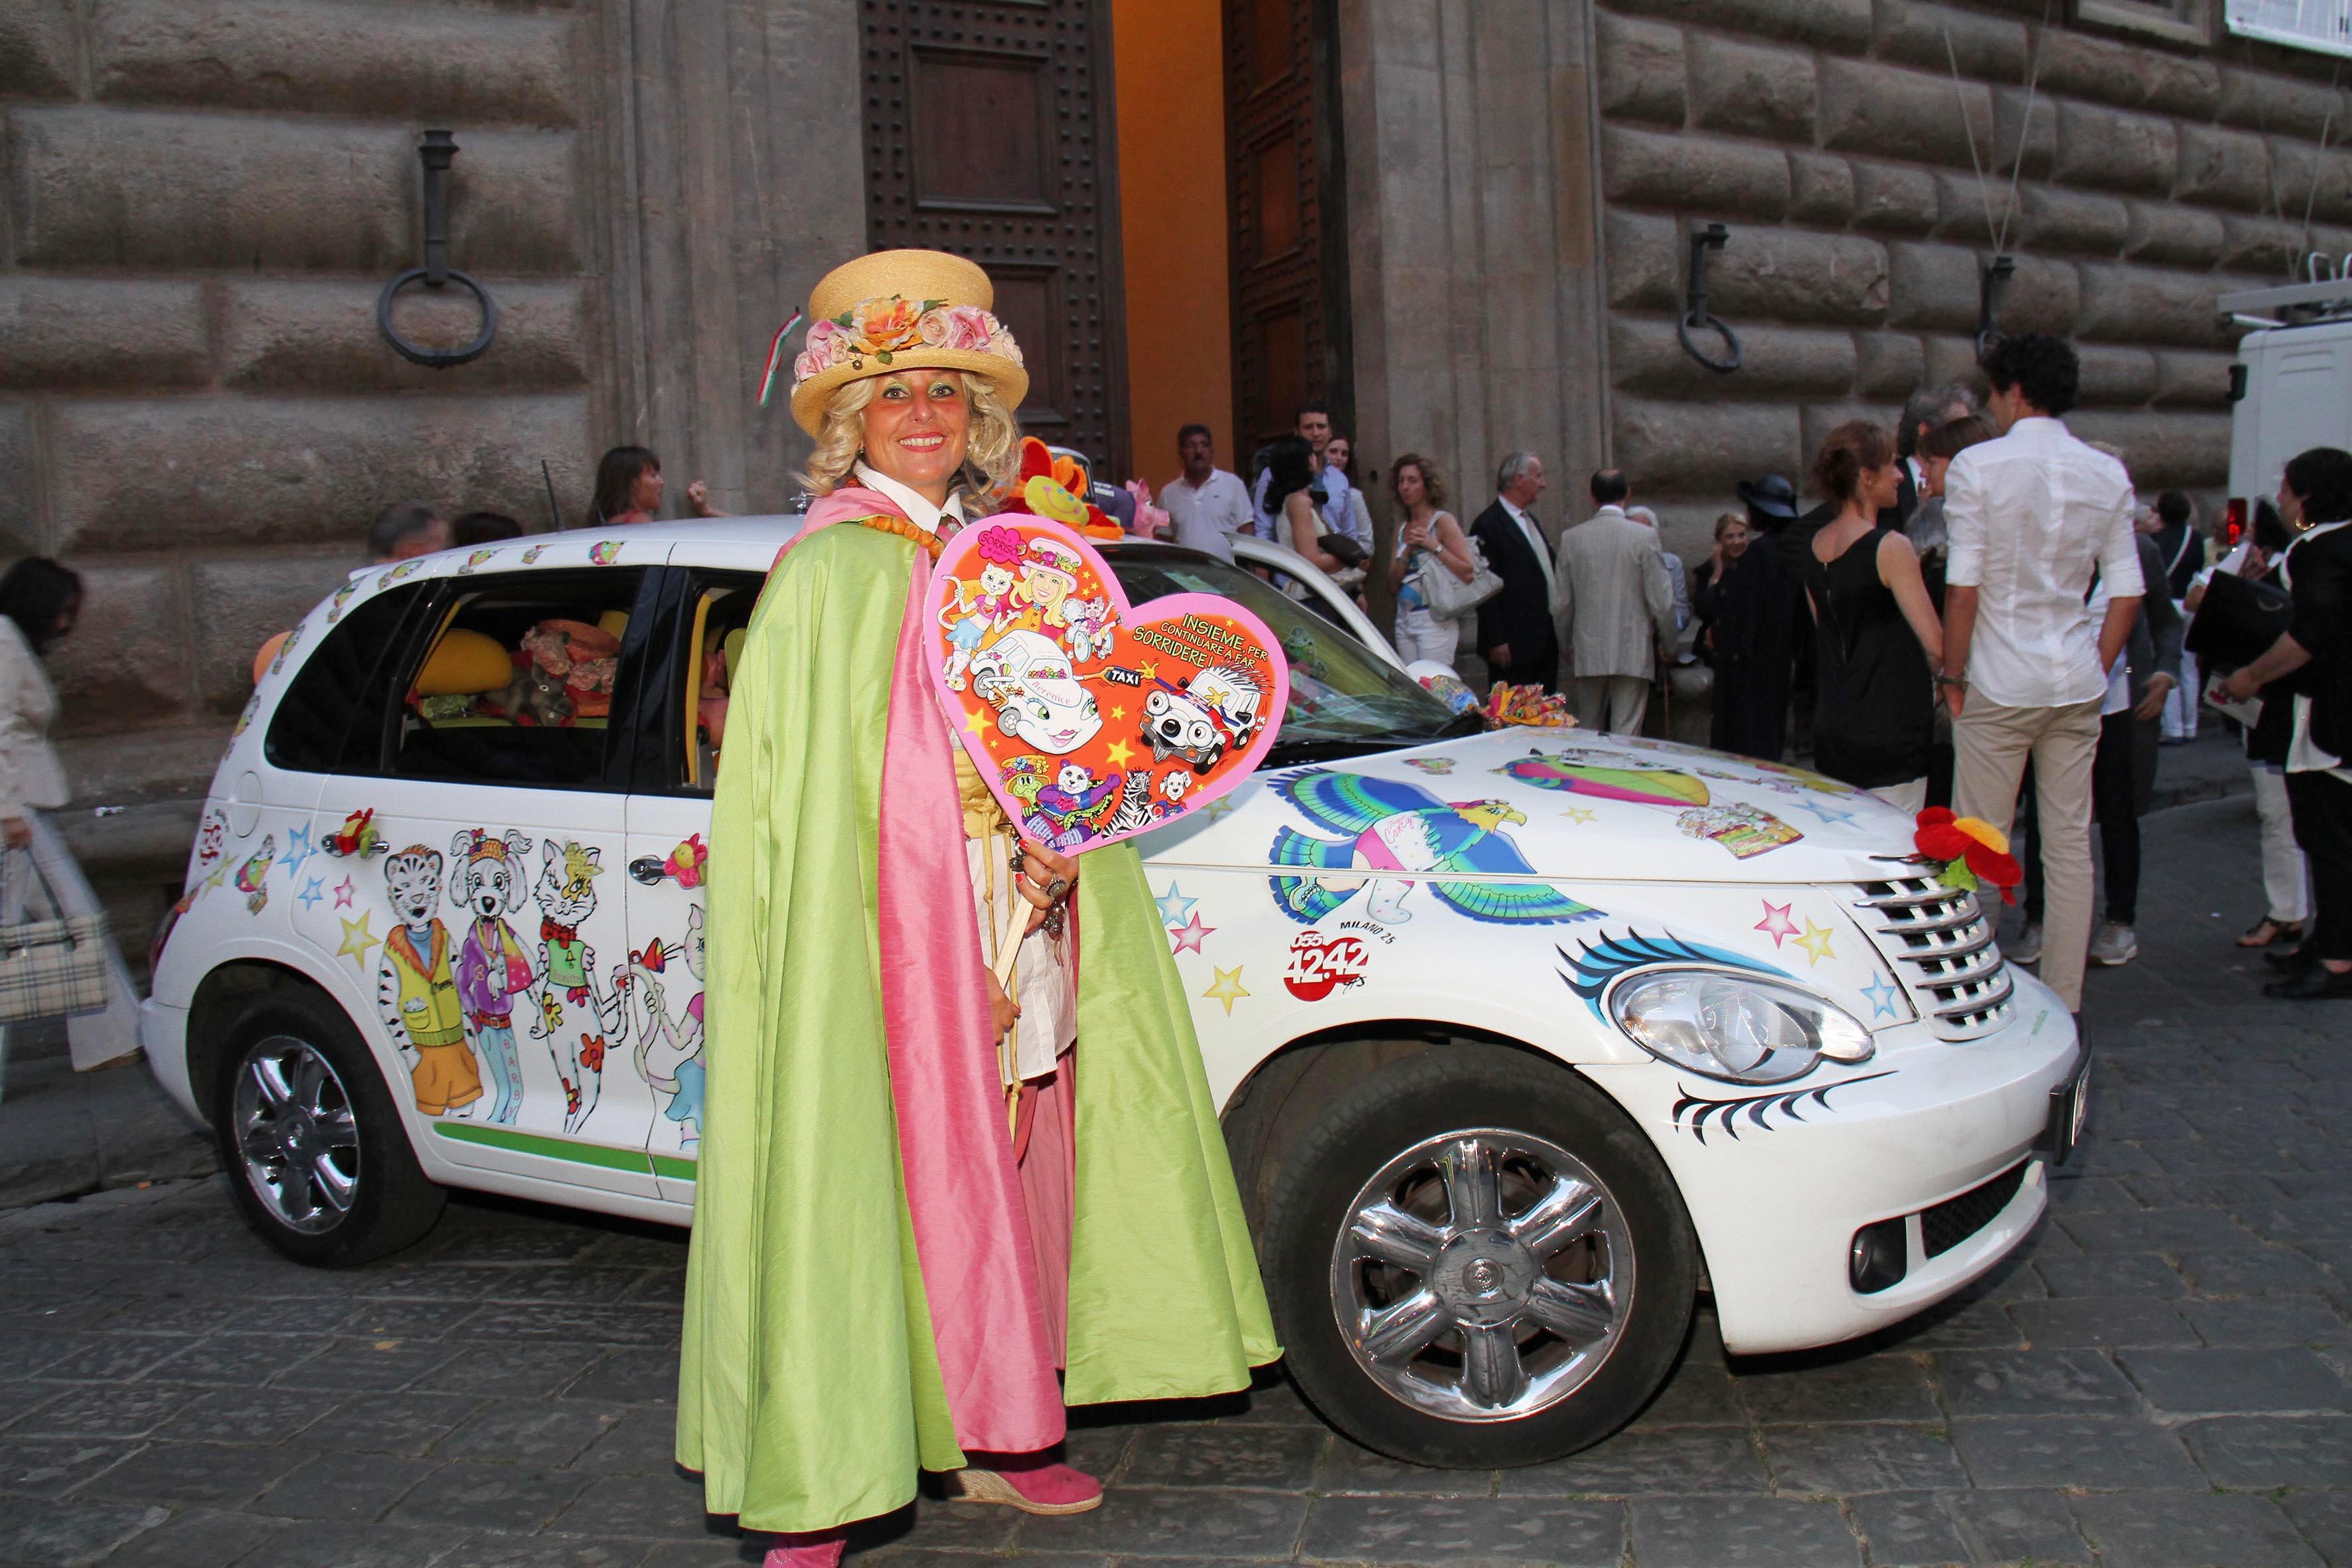 PRESSPHOTO Firenze, Palazzo Strozzi, Milano 25, Col cuore si può. Nella foto Milano 25